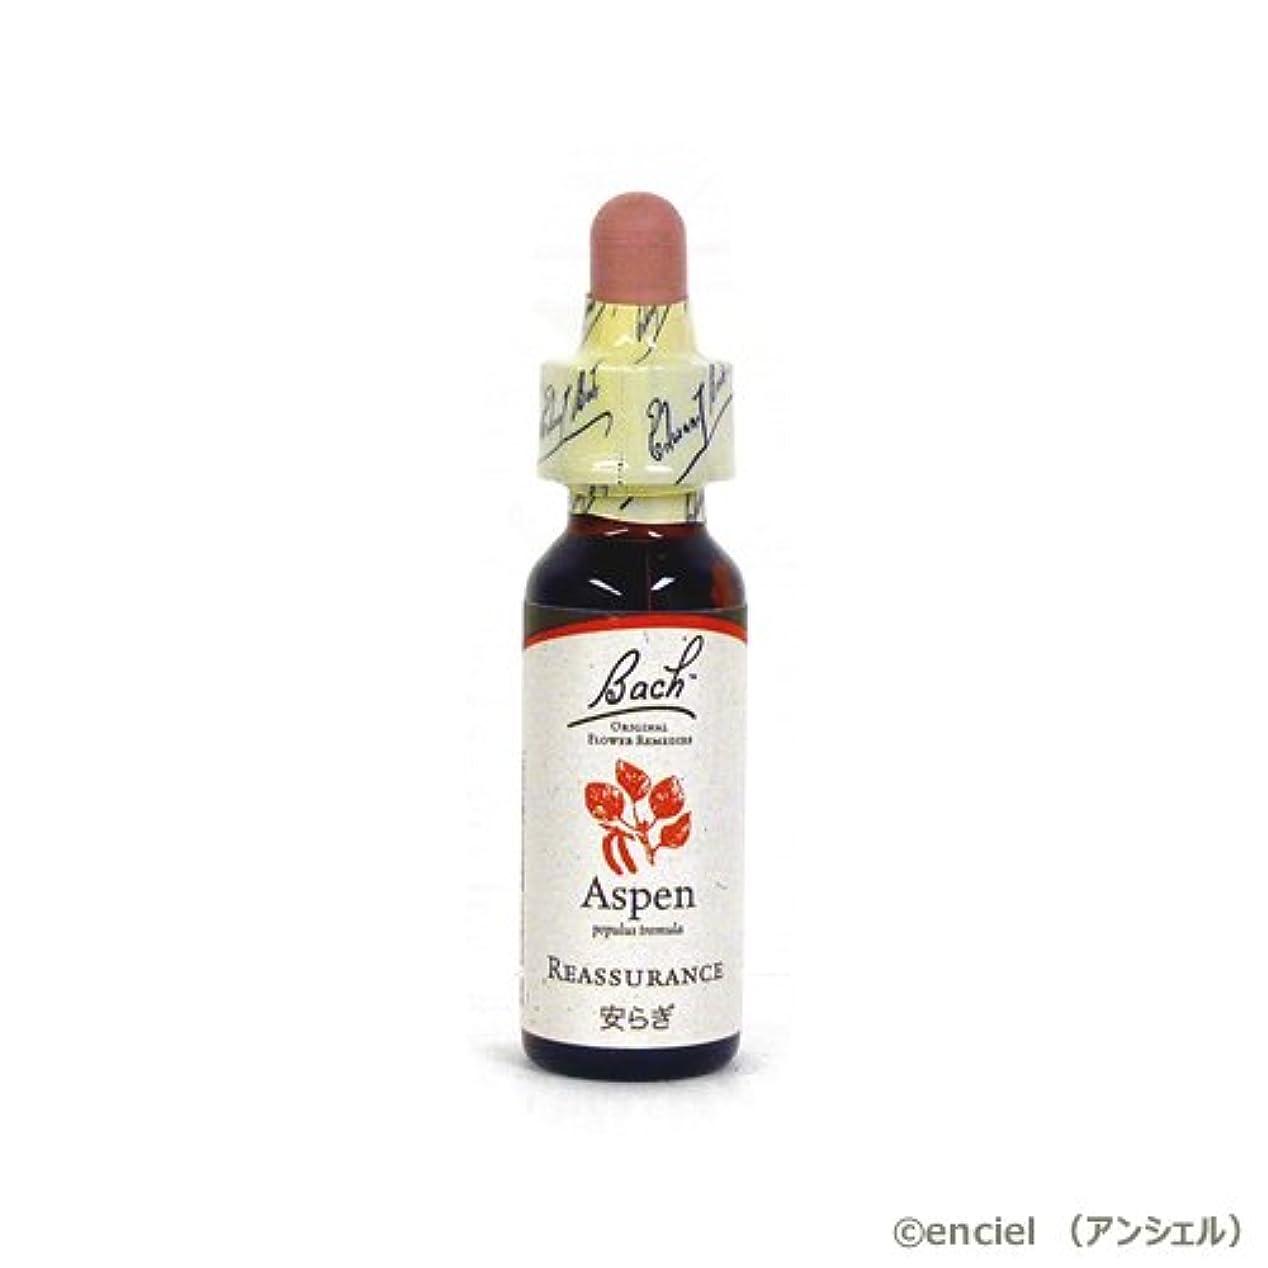 オリエント作家実質的バッチフラワー レメディ アスペン 10ml グリセリンタイプ 日本国内正規品